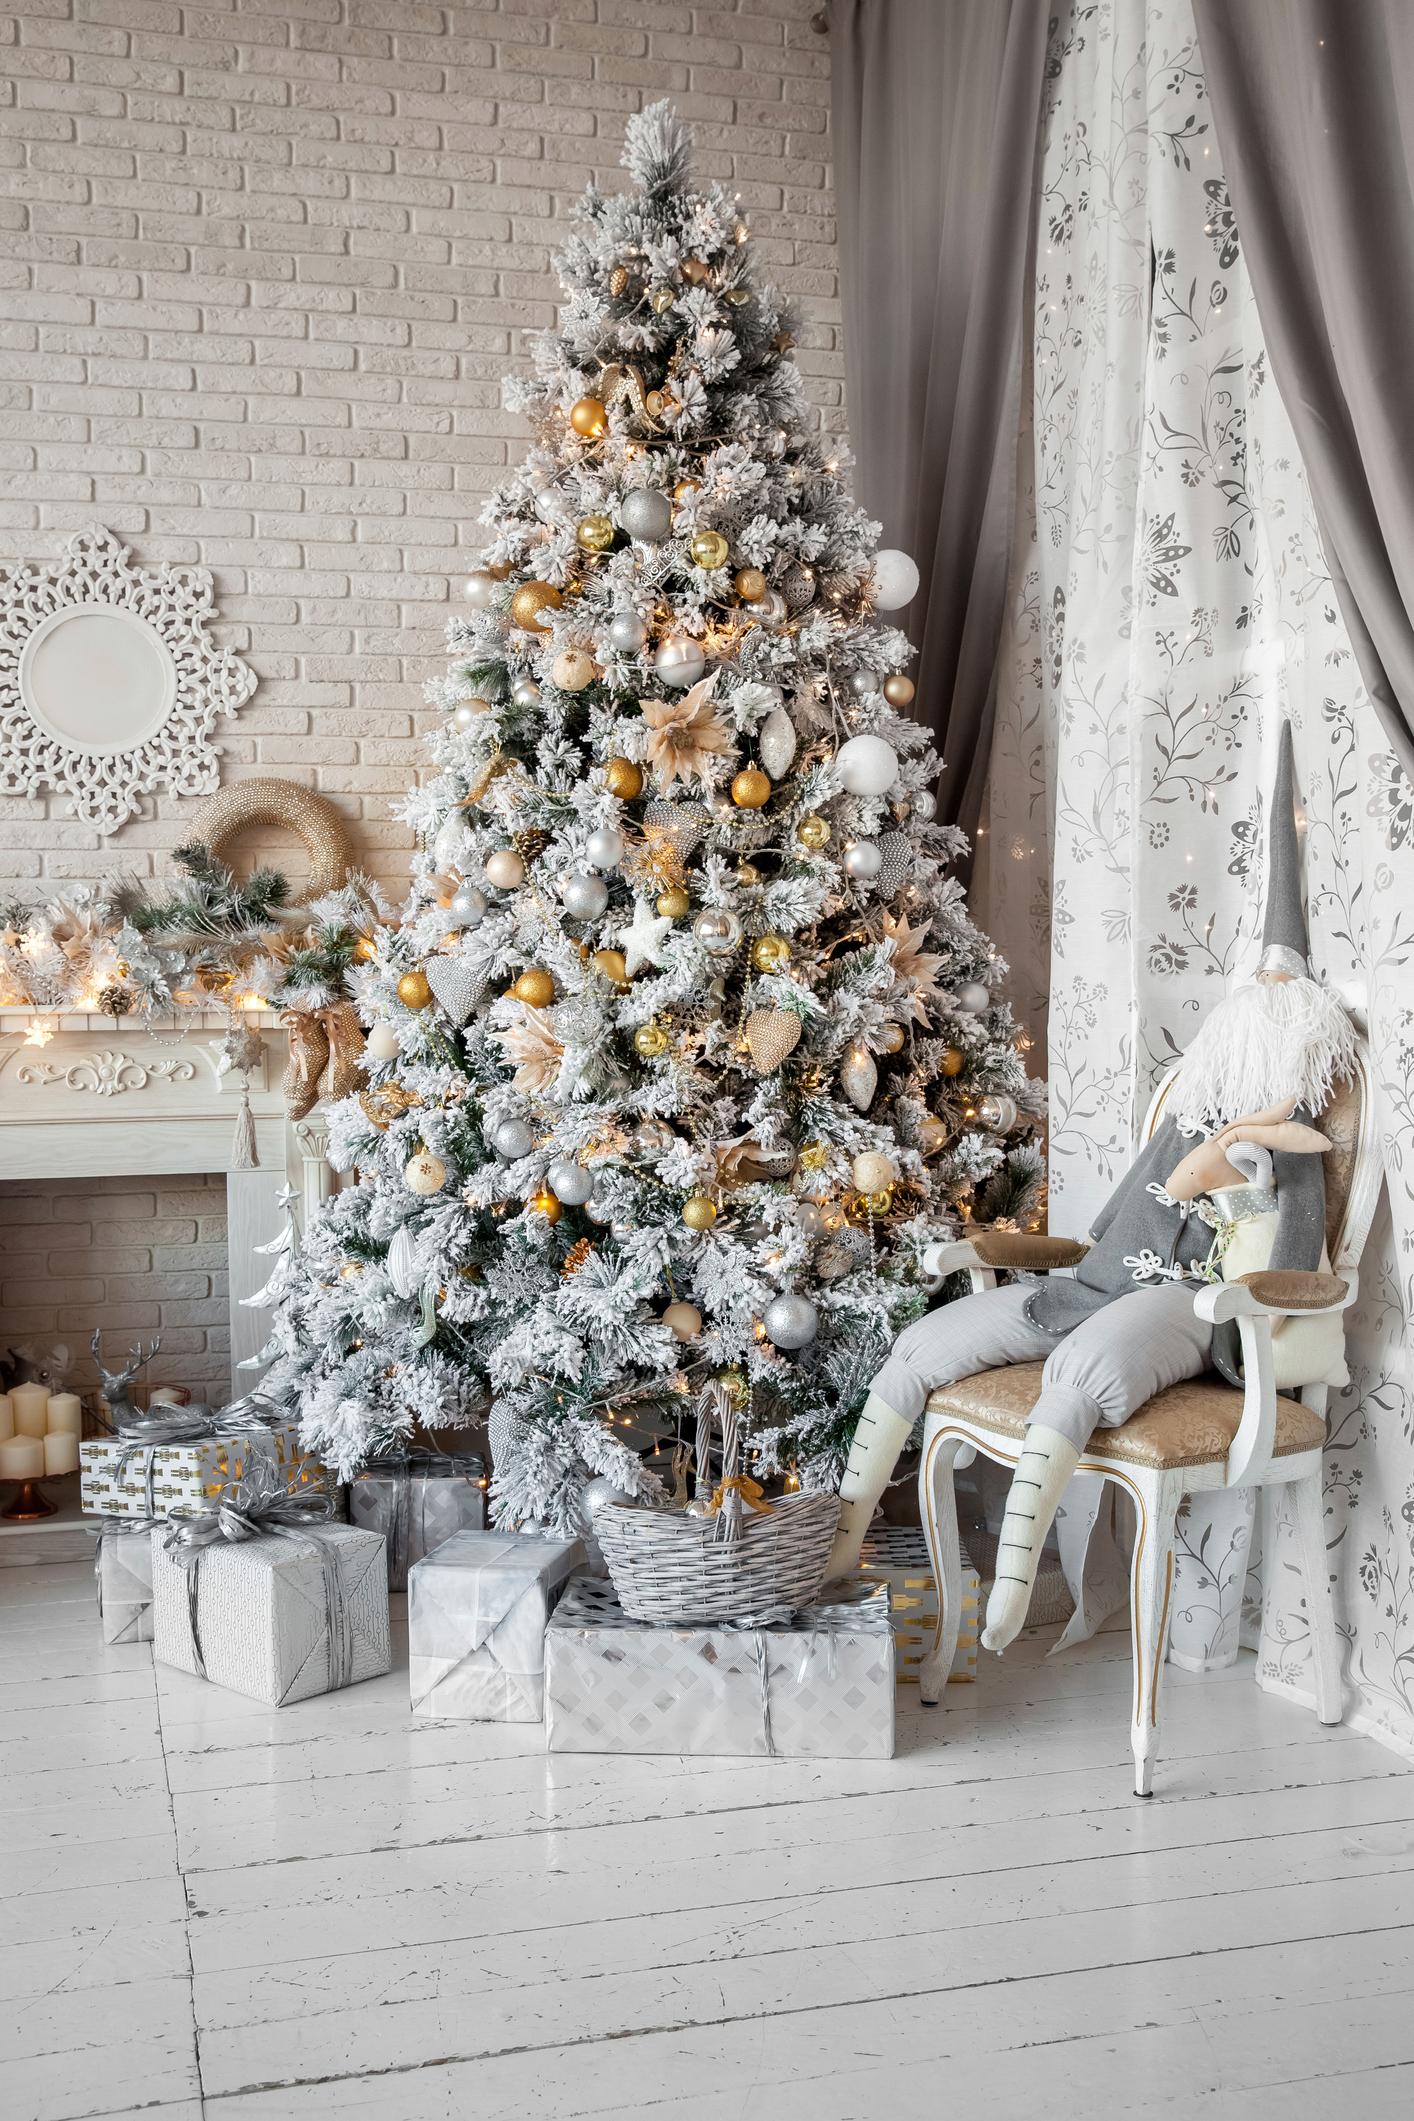 Dekoracje Stołu Na Boże Narodzenie Jak Ozdobić Stół Na